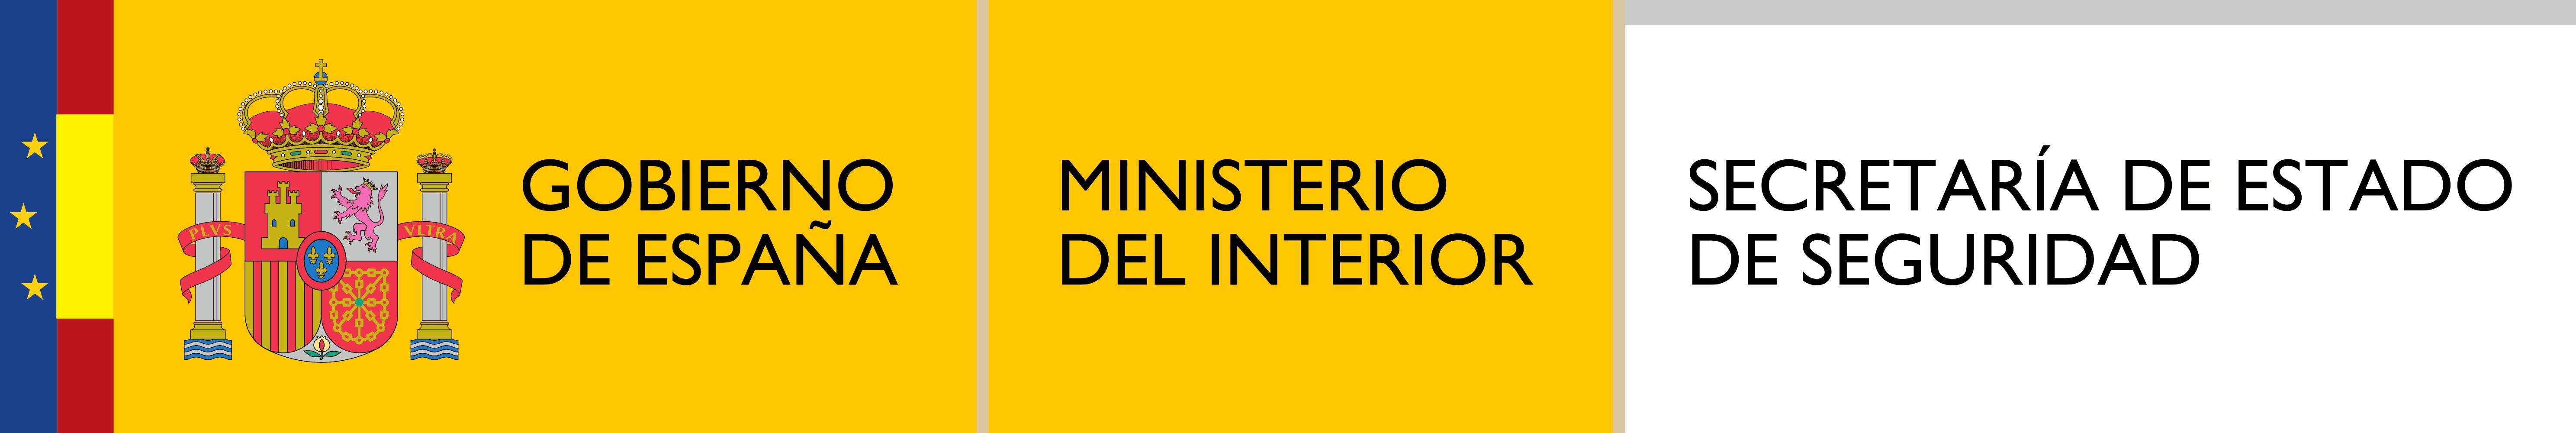 Logotipo_de_la_Secretaría_de_Estado_de_Seguridad